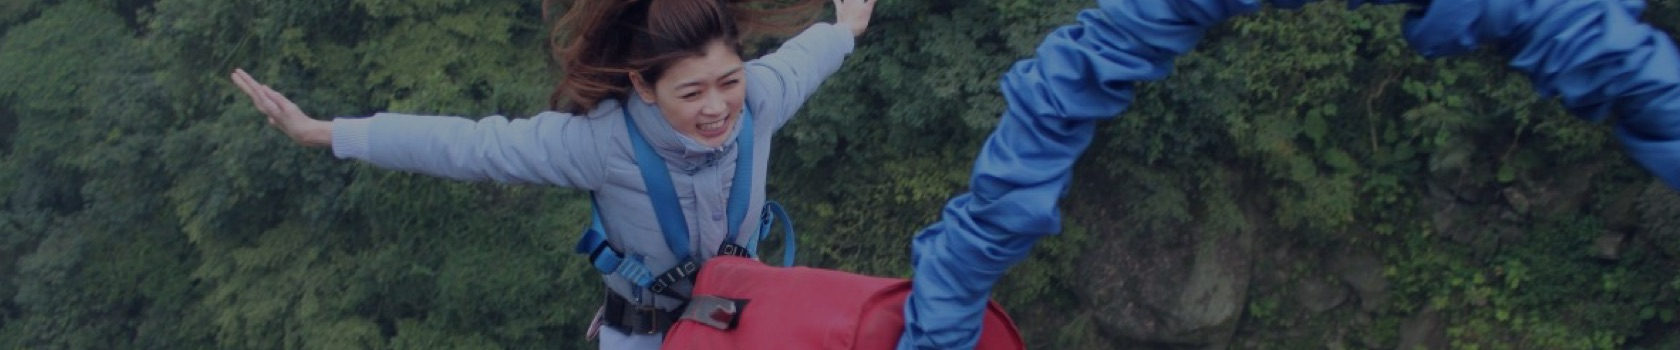 bungee-jumping-in-uttarakhand